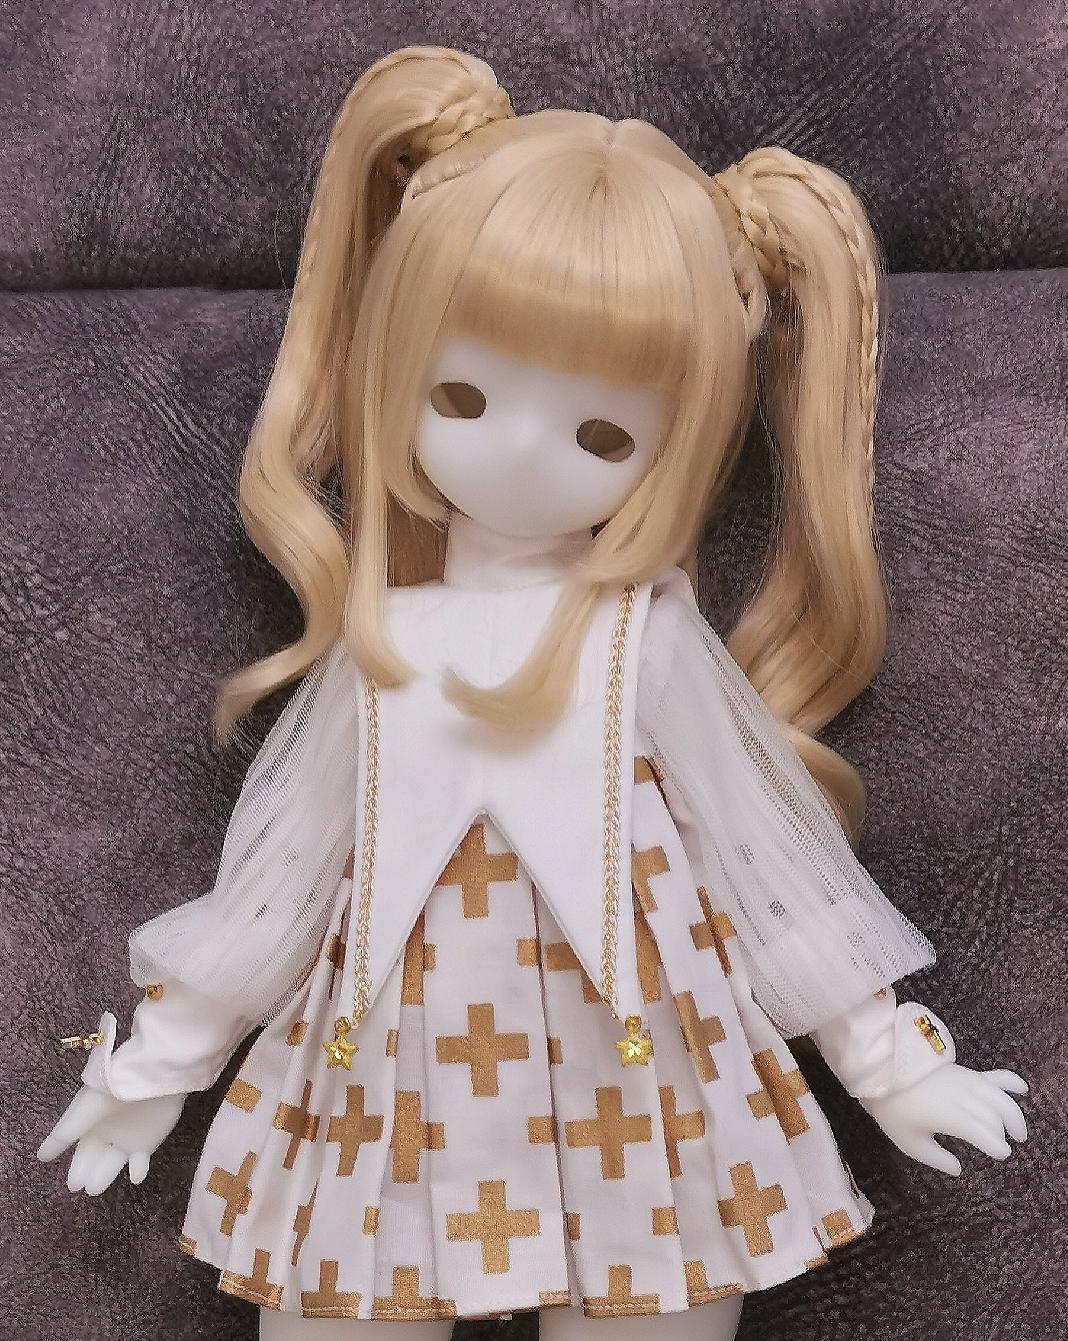 Rabbit-Doudou_5.jpg